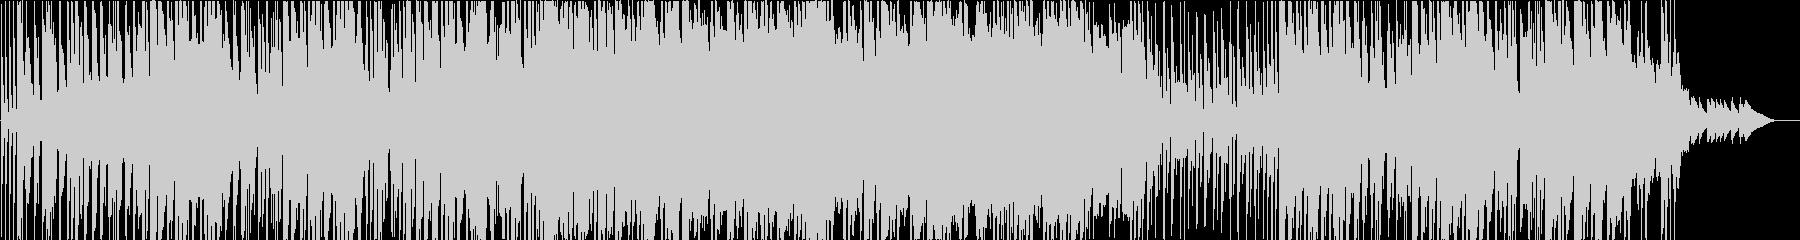 さわやかで少し切ないピアノ旋律ポップスの未再生の波形